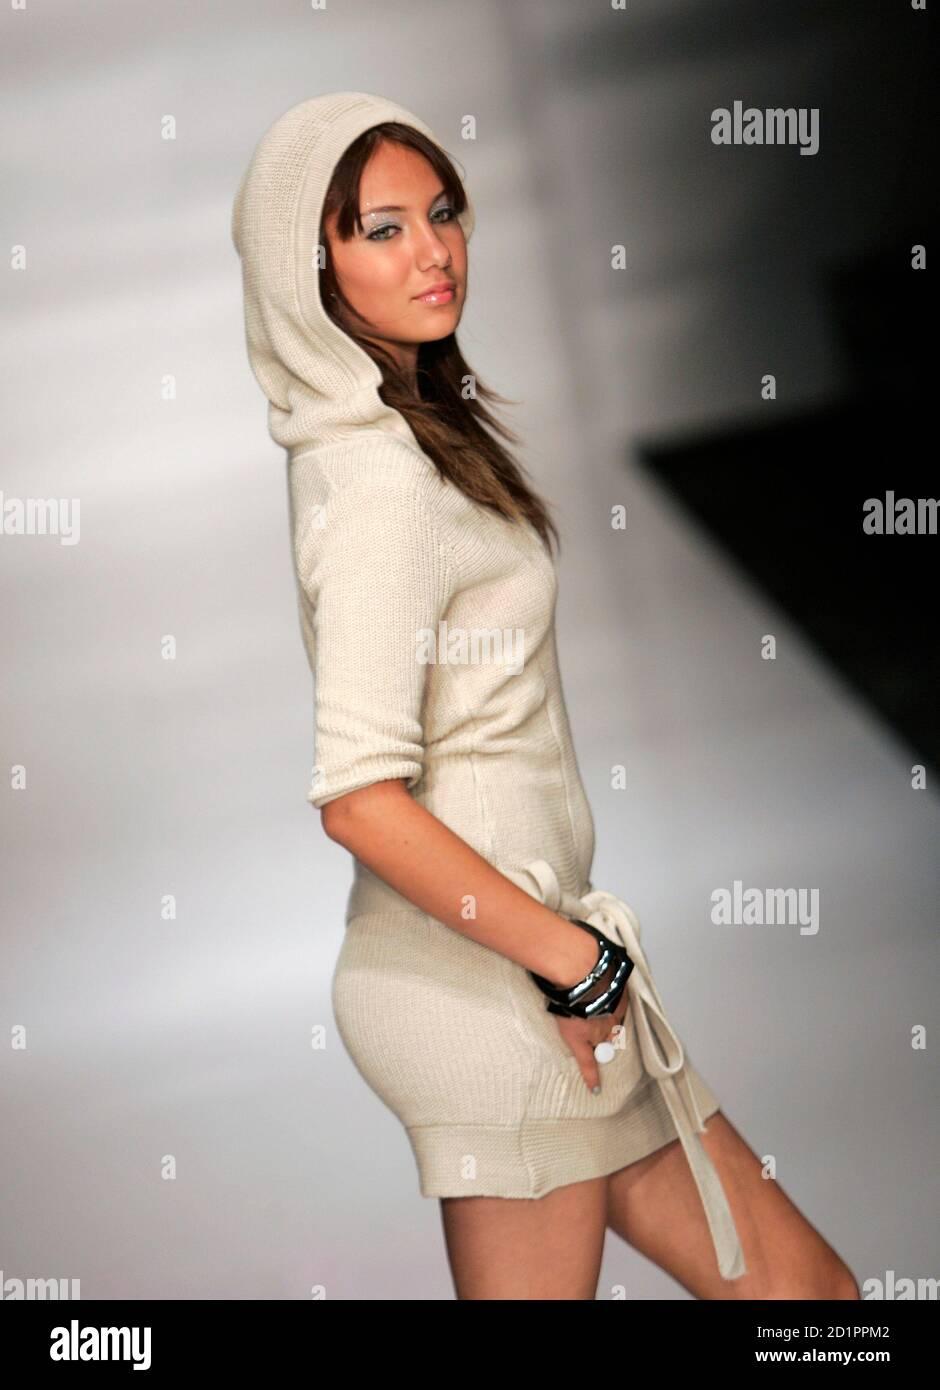 Ein Modell stellt eine Schöpfung der Justsweet Kollektion von Jennifer Lopez während der Fashion Week in Miami Beach, Florida, 23. März 2006. Foto 23. März 2007.   REUTERS/Carlos Barria (Vereinigte Staaten) Stockfoto